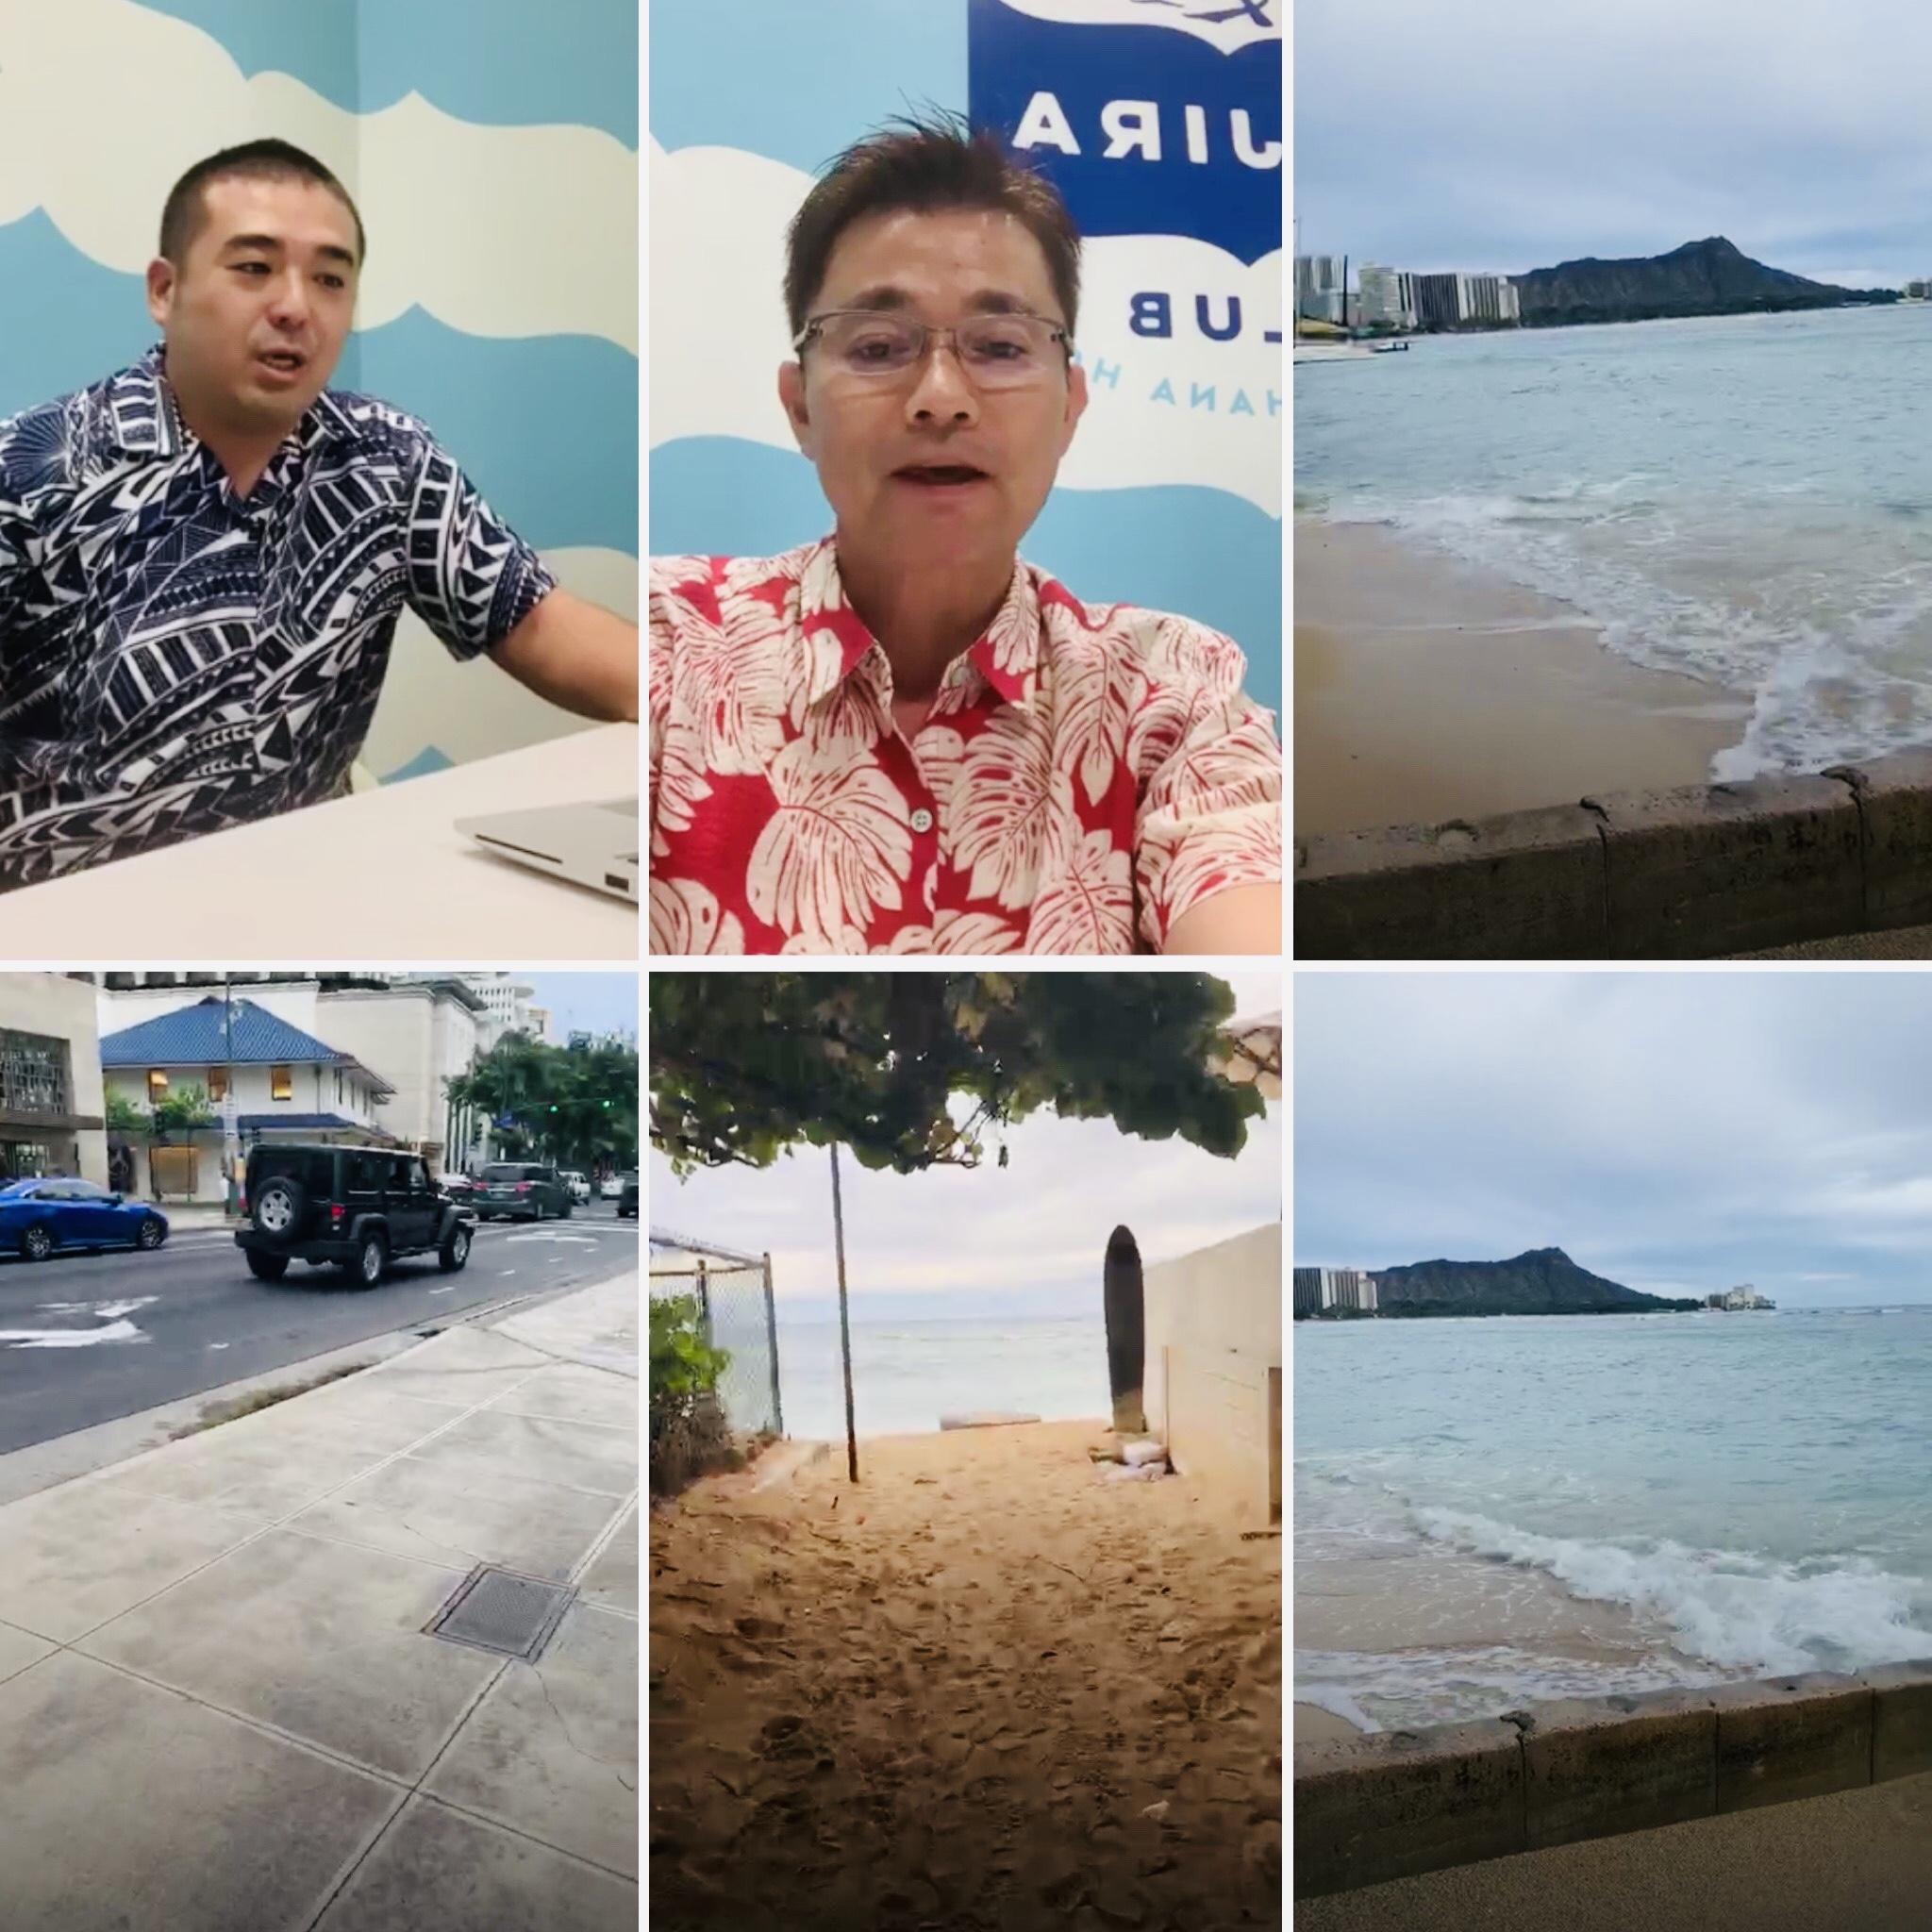 【FBライブ配信動画】ハワイの最新情報とワイキキの様子